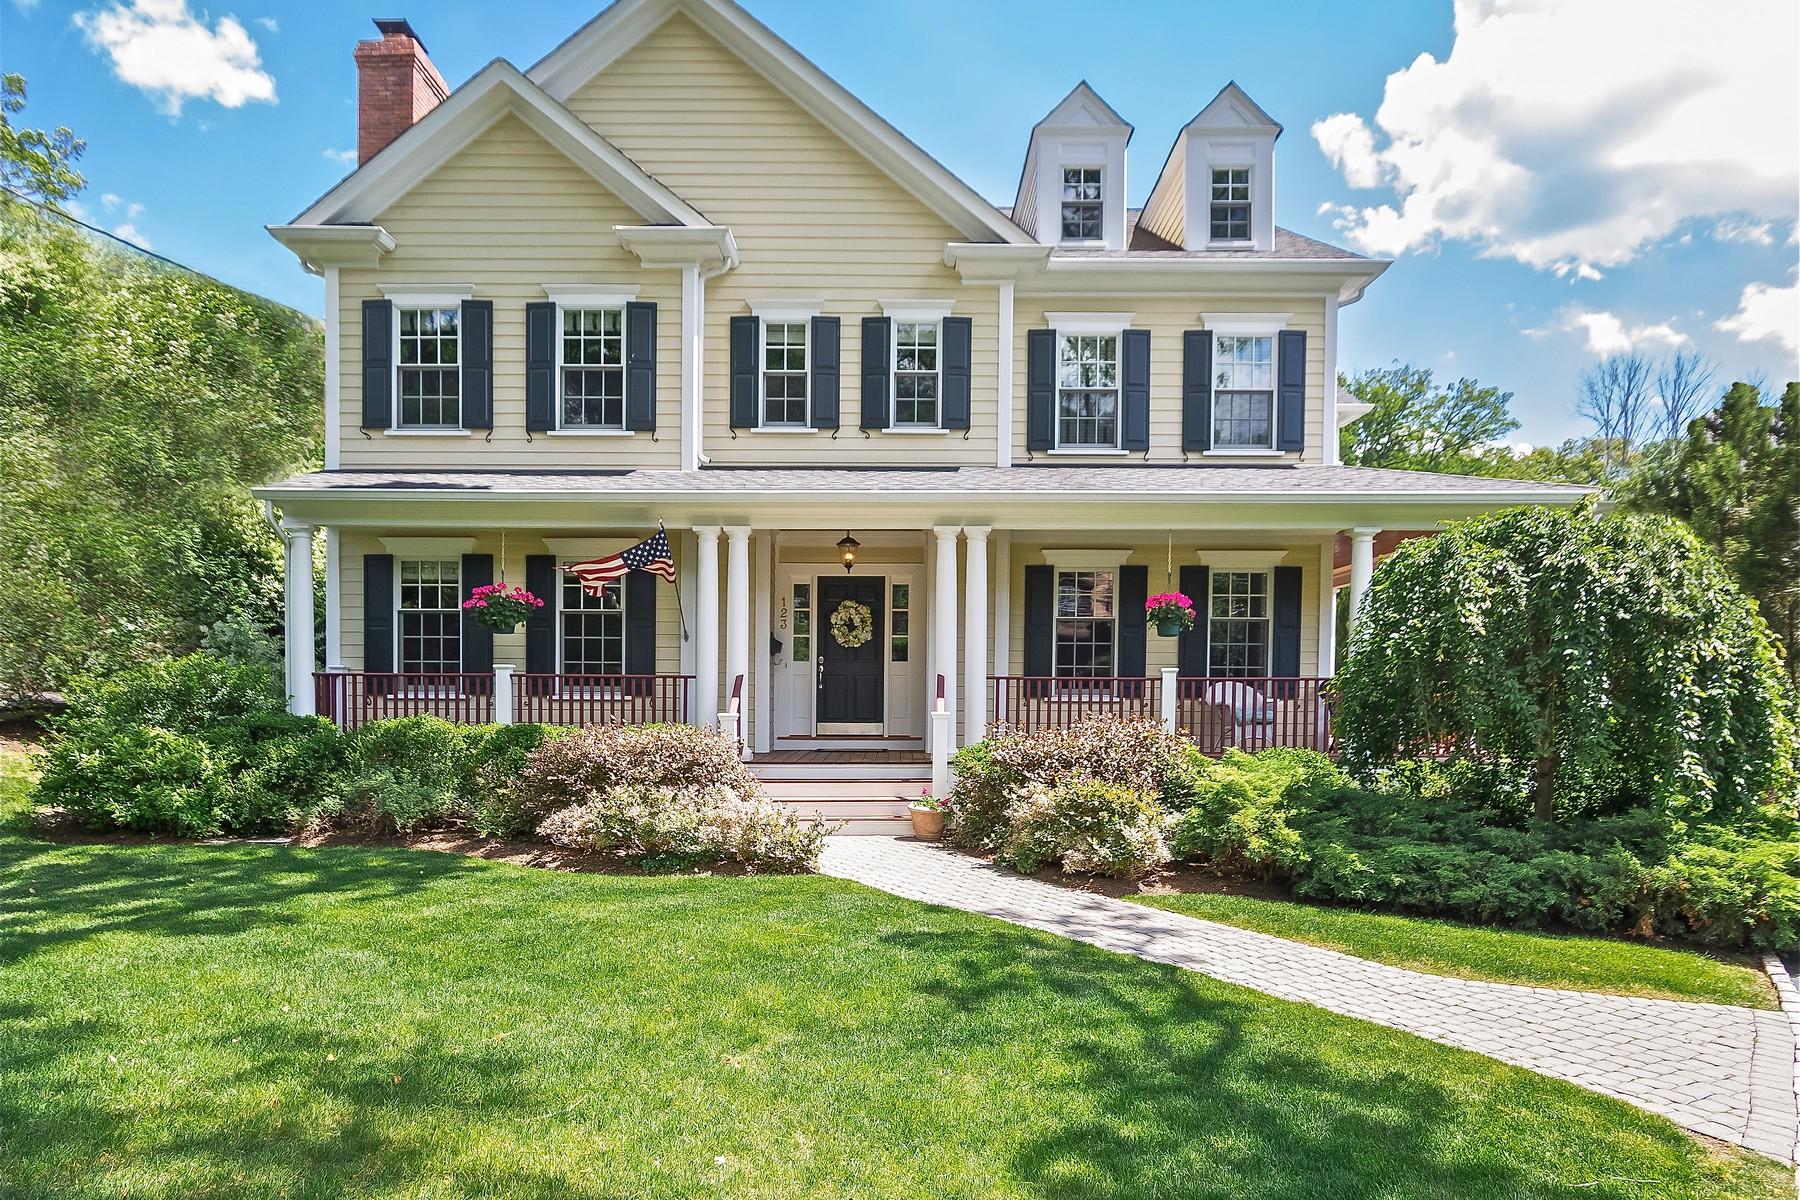 Casa Unifamiliar por un Venta en Gracious Custom Colonial 123 Central Avenue Madison, Nueva Jersey 07940 Estados Unidos